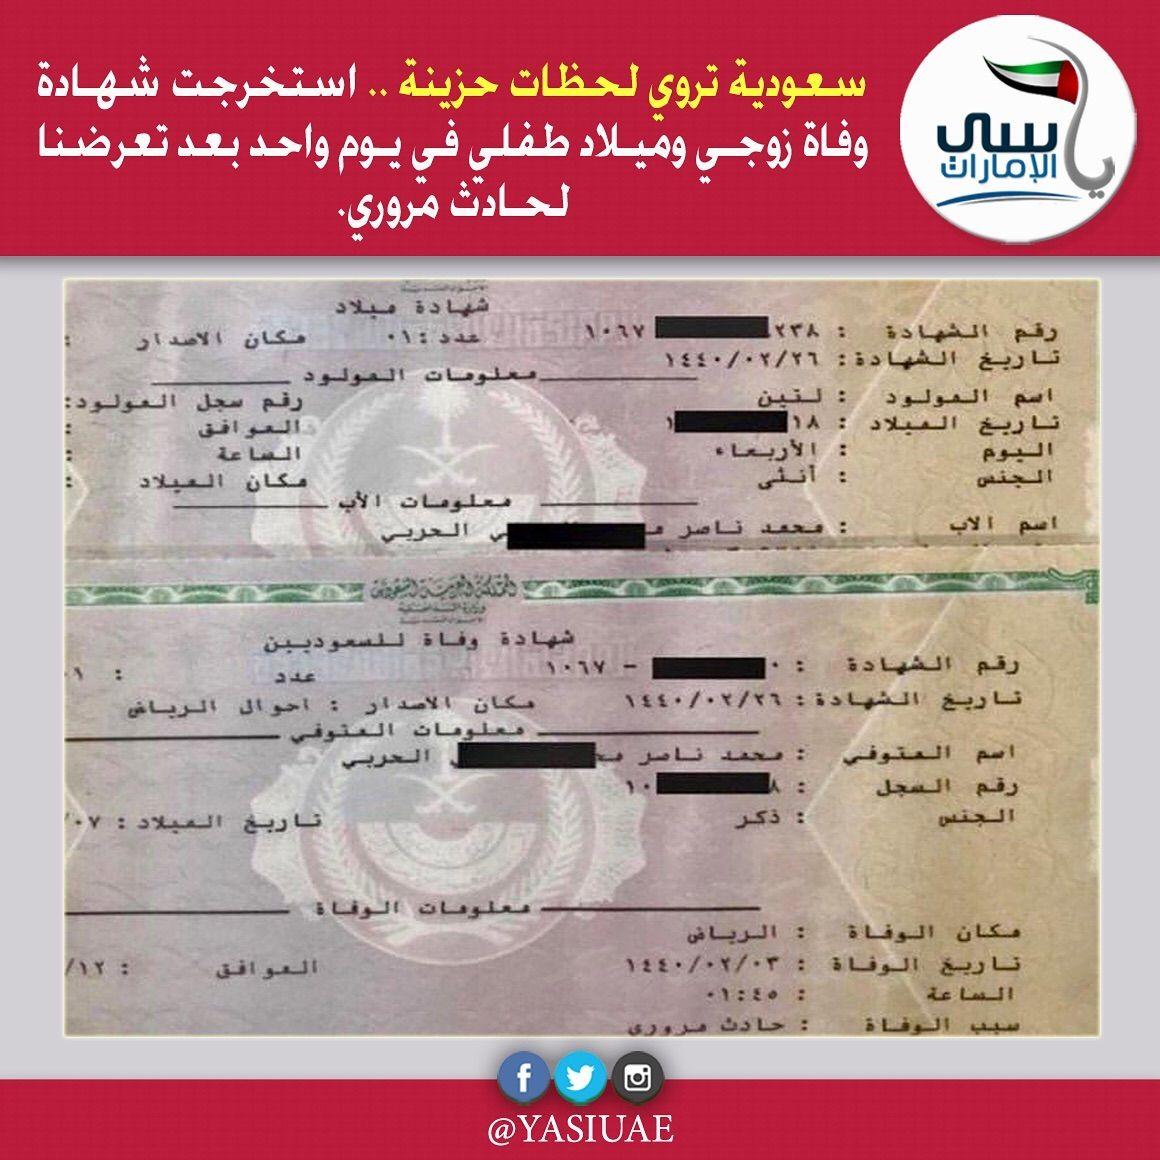 السعودية مواطنة سعودية تروي لحظات حزينة استخرجت شهادة وفاة زوجي وميلاد طفلي في يوم واحد بعد تعرضنا لحادث مروري الس Airline Travel Boarding Pass